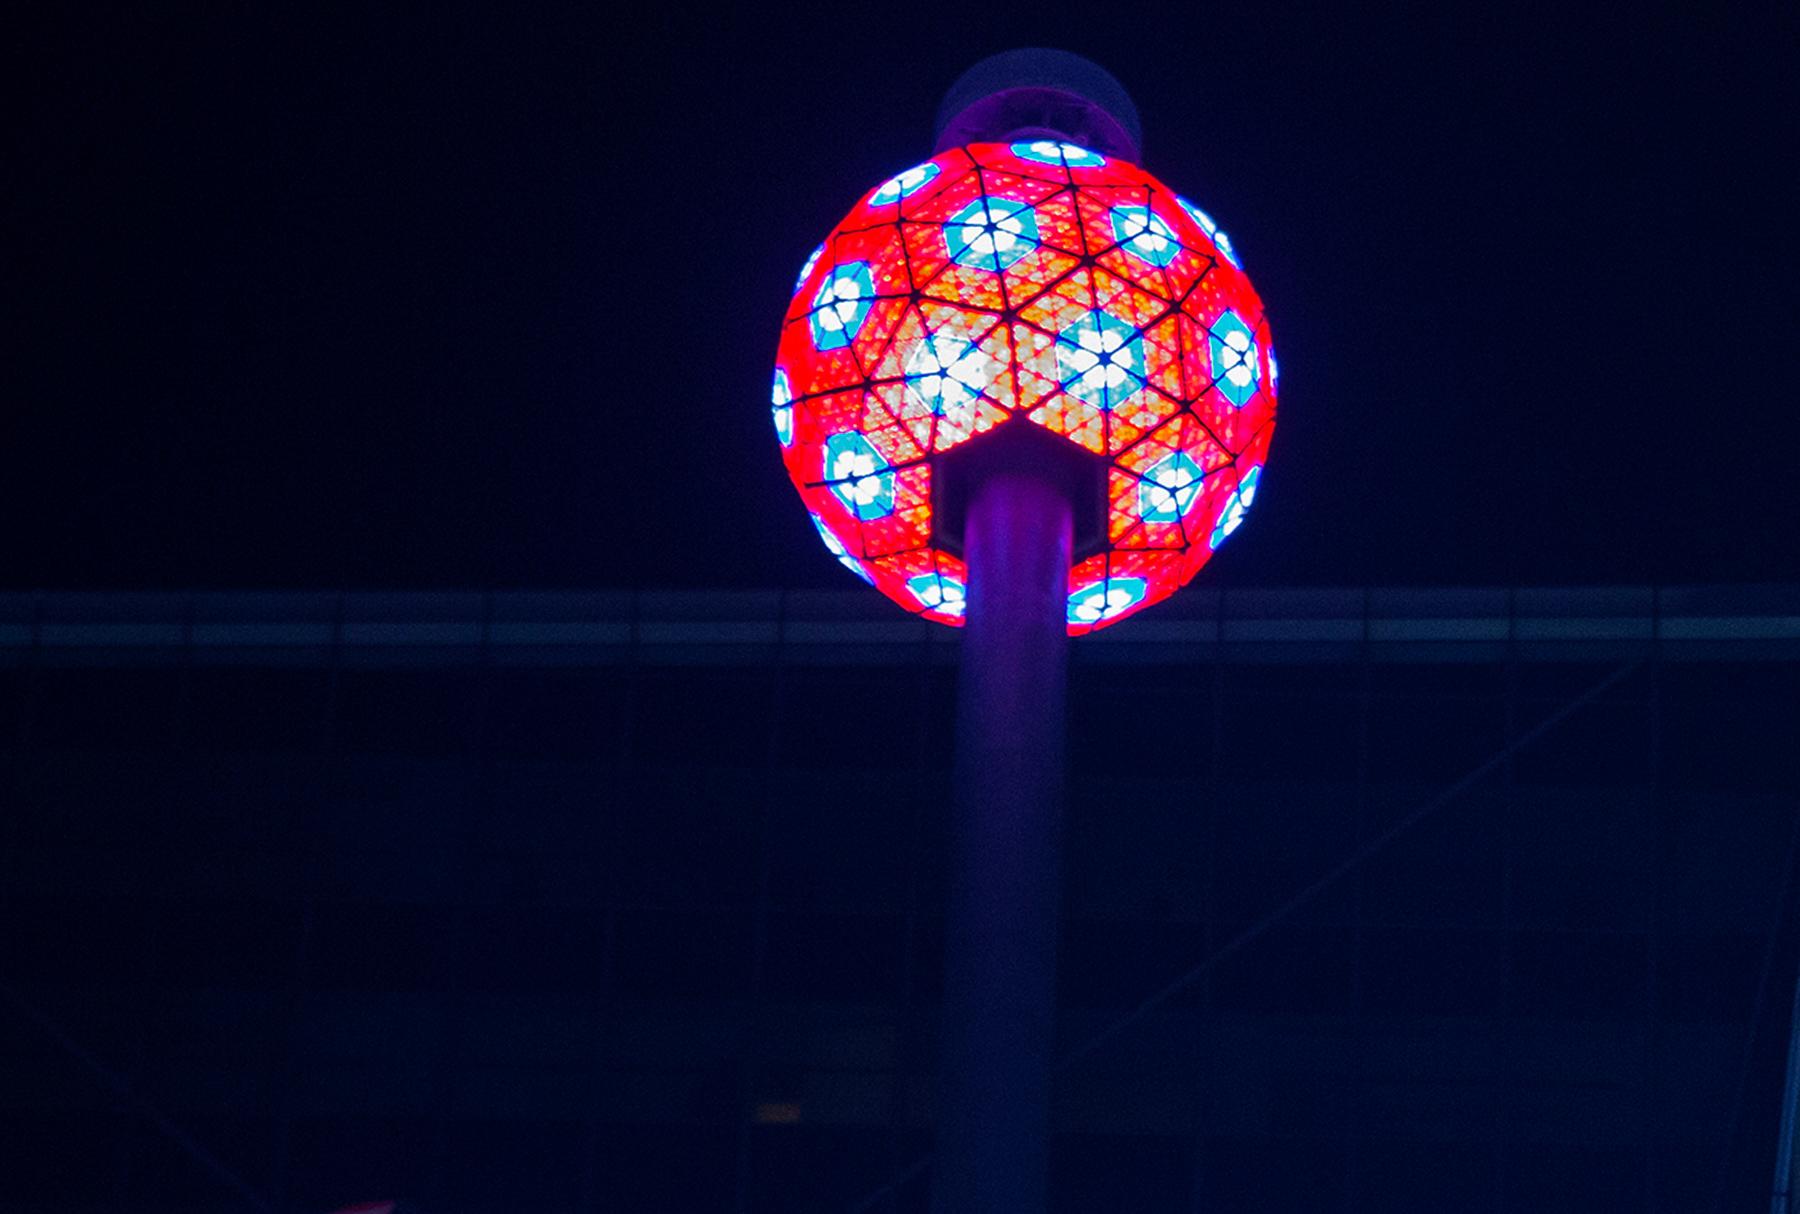 Bola de colores de cristal en un poste (© AP Images)